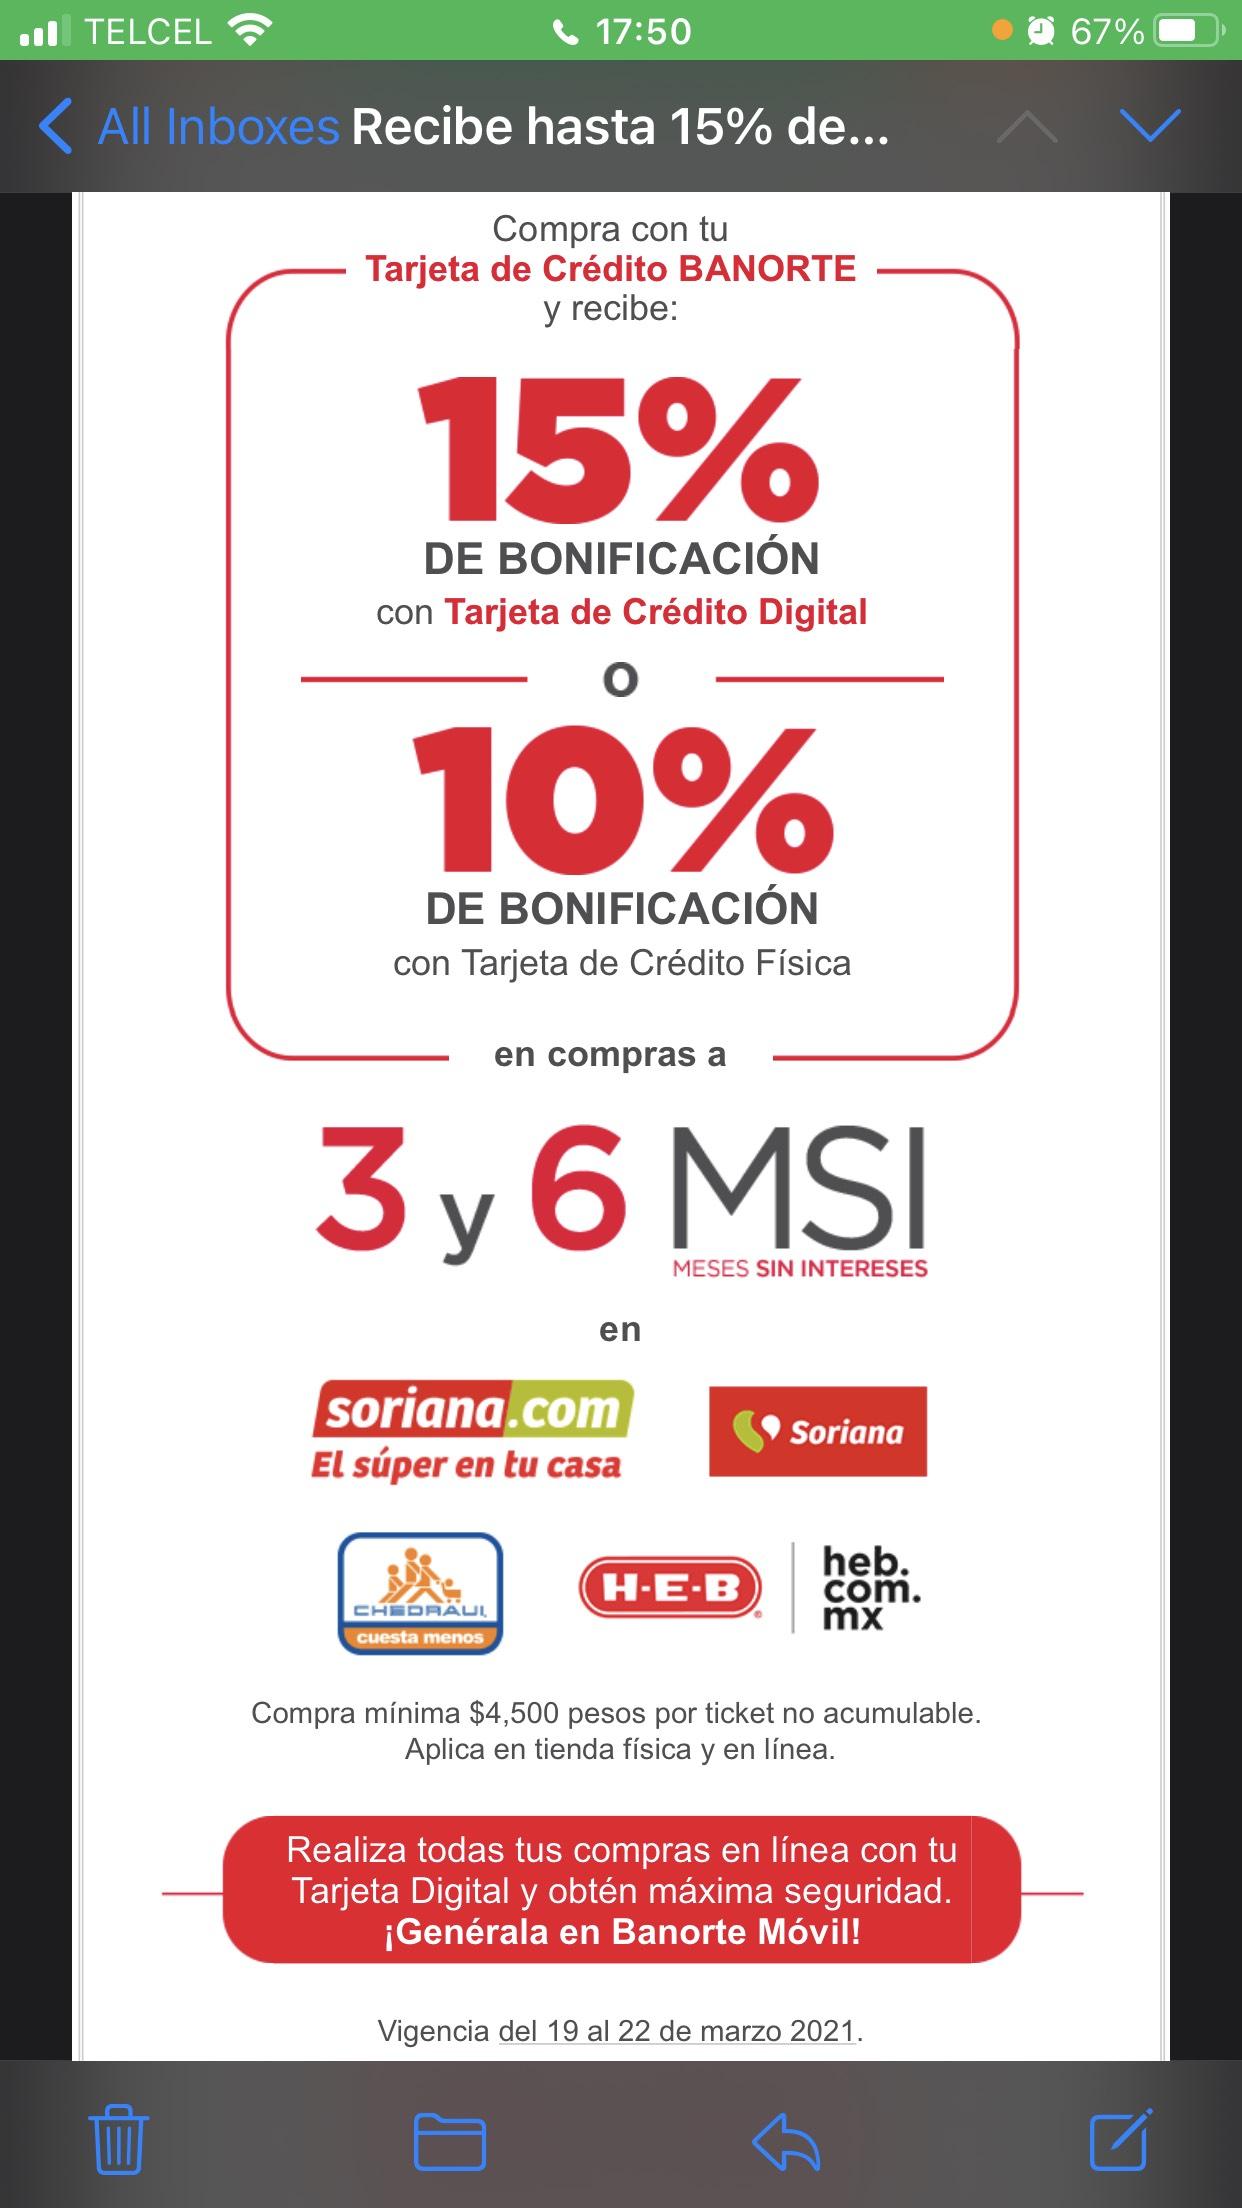 Banorte: Bonificación del 15% en Chedraui, Soriana y HEB